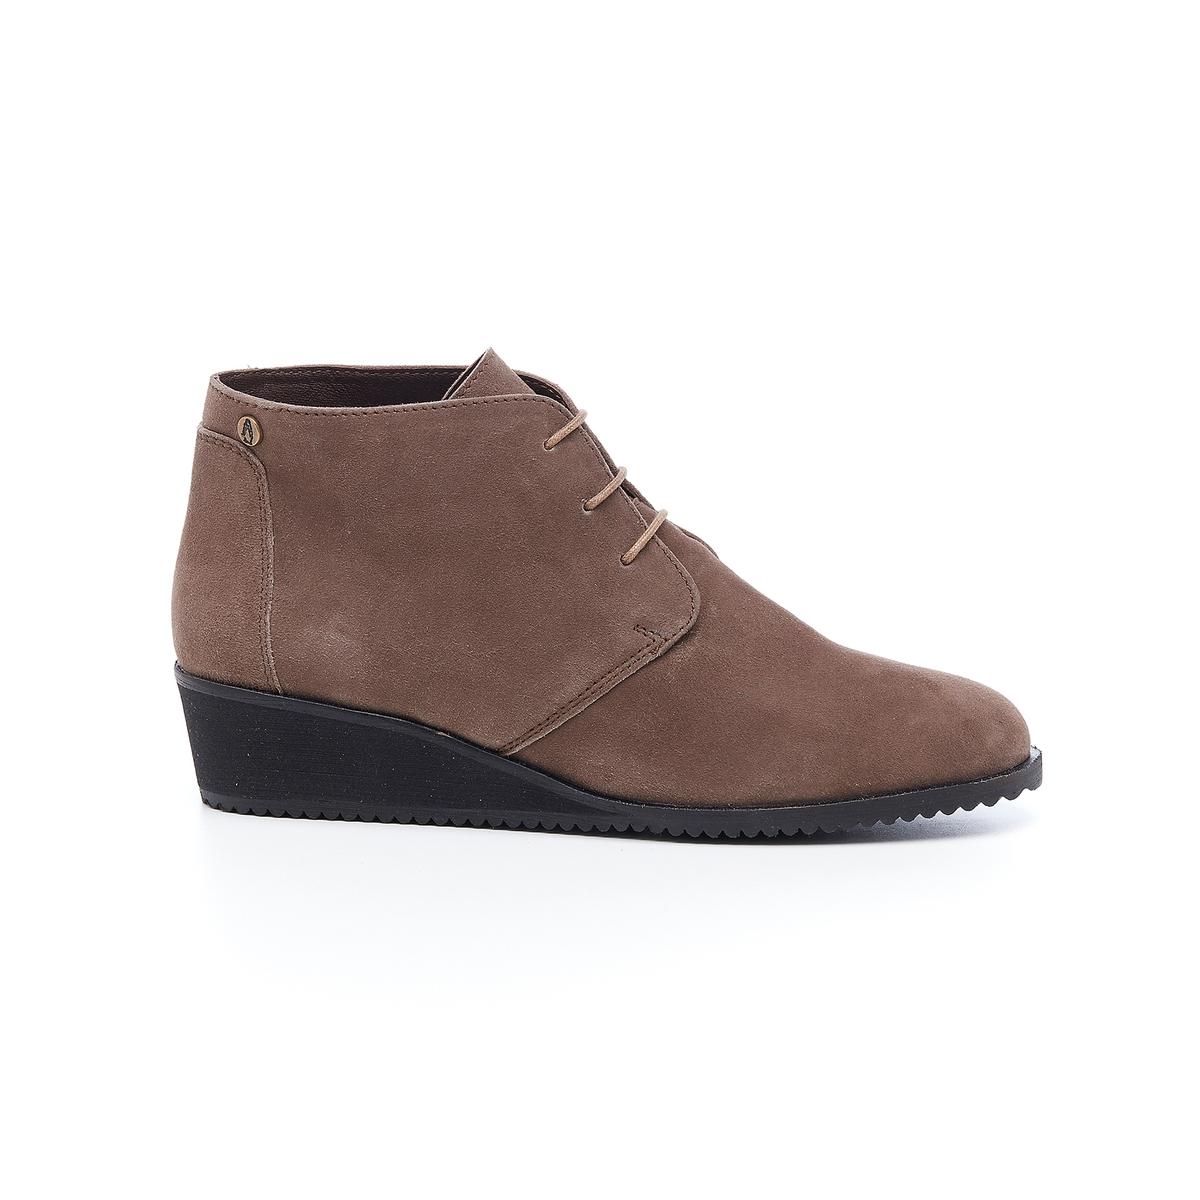 Ботильоны кожаные на шнуровке Colali ботильоны на шнуровке orilegend